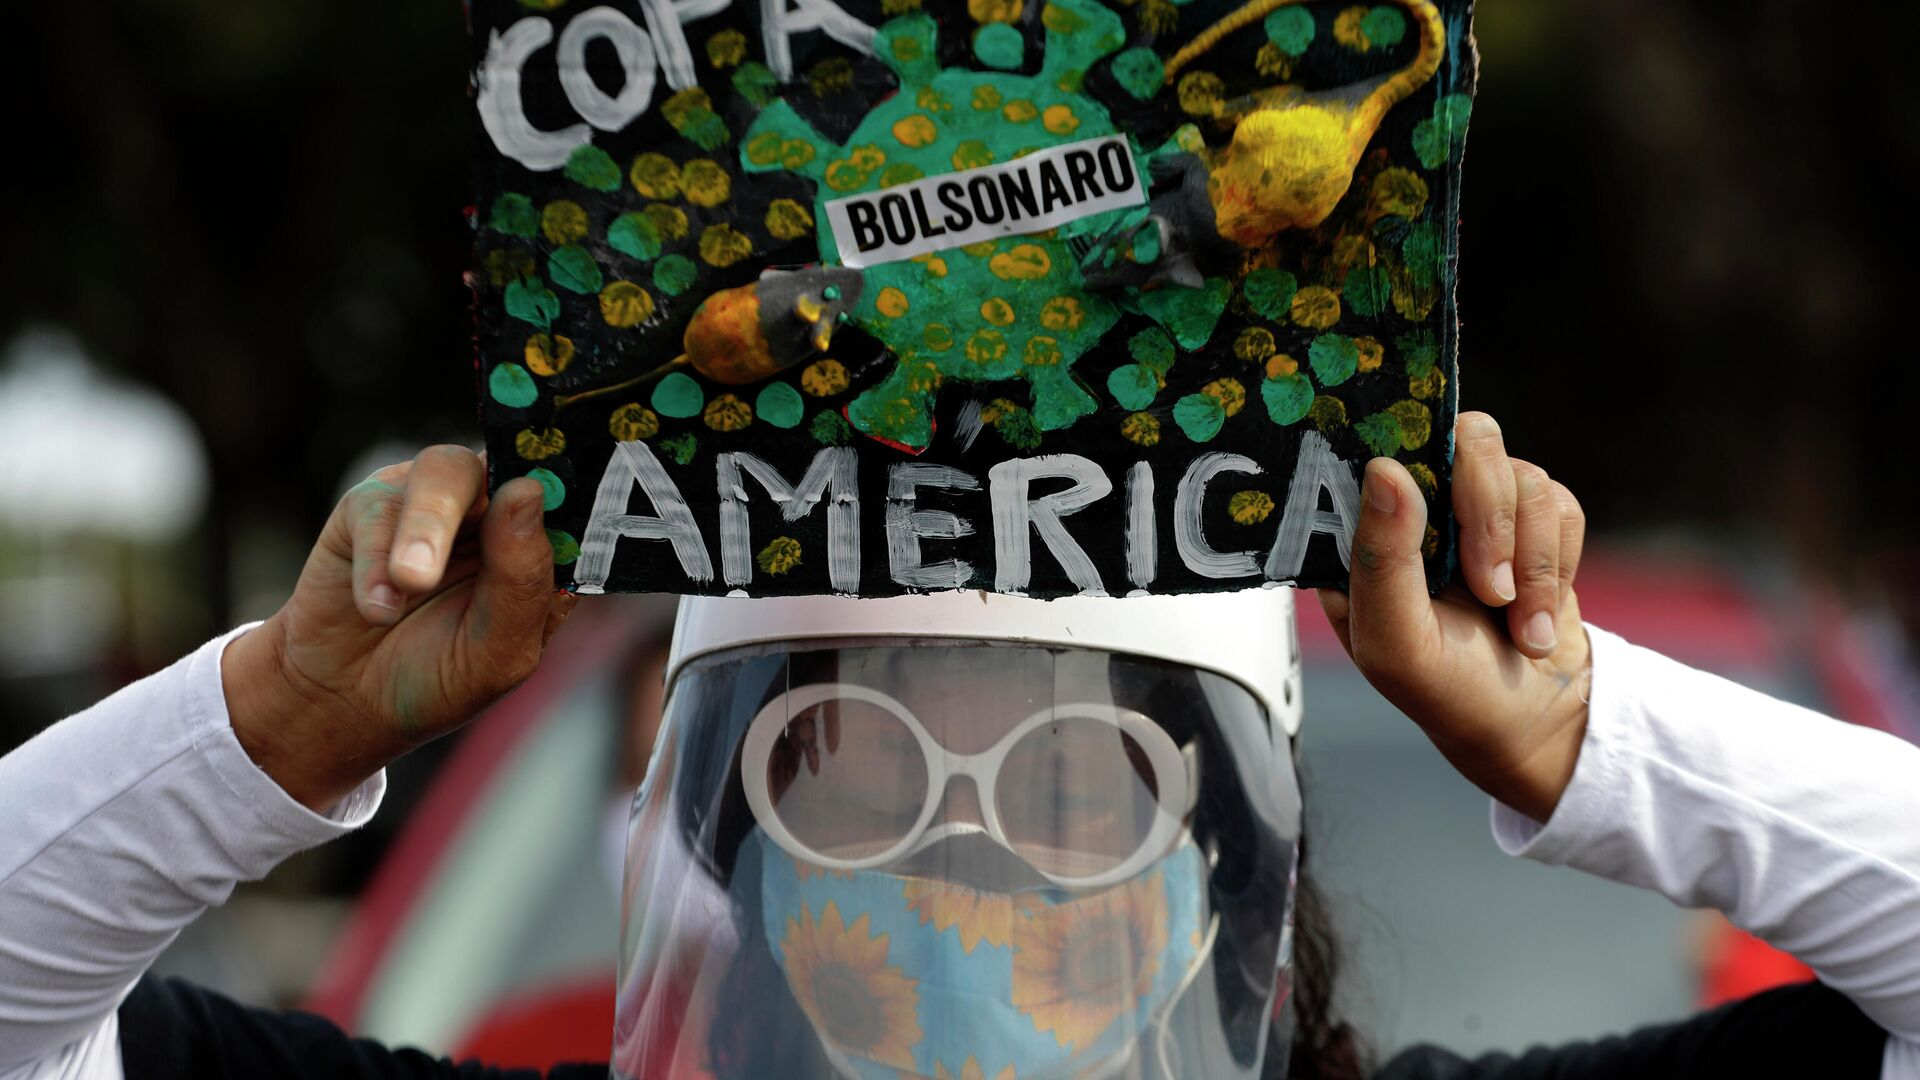 Una mujer con mascarilla protesta contra la realización de la Copa América en Brasil en plena pandemia de COVID-19 - Sputnik Mundo, 1920, 14.06.2021